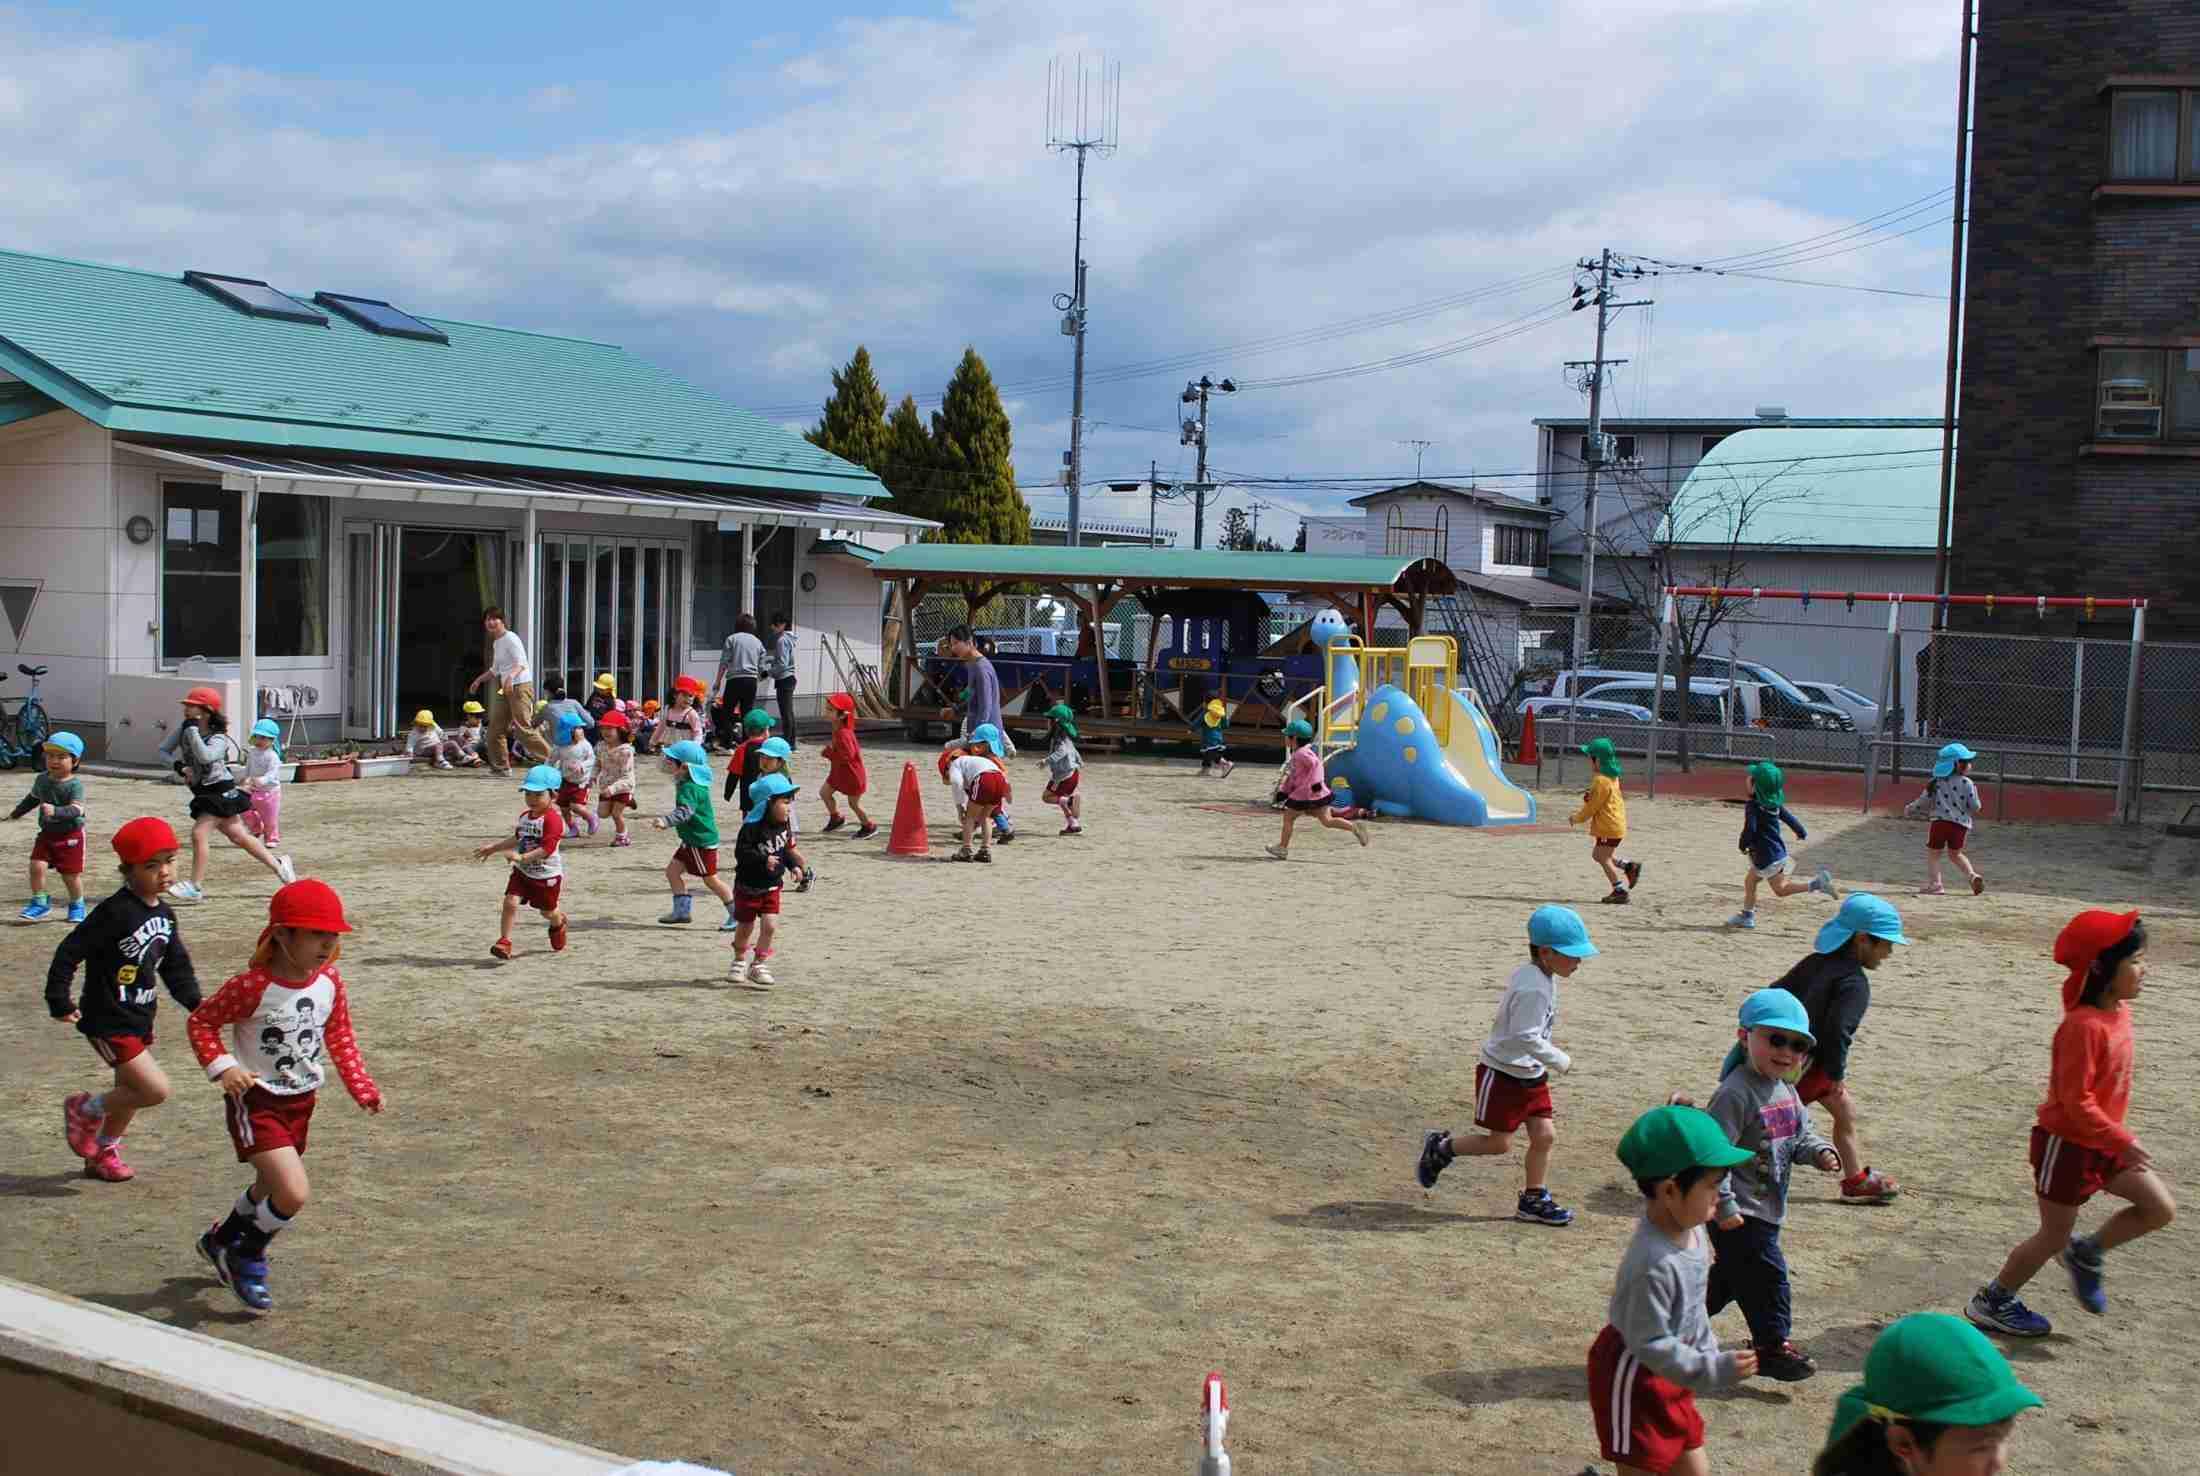 【都知事選】増える待機児童、主要3候補の公約で問題は解決するのか (BuzzFeed Japan) - Yahoo!ニュース